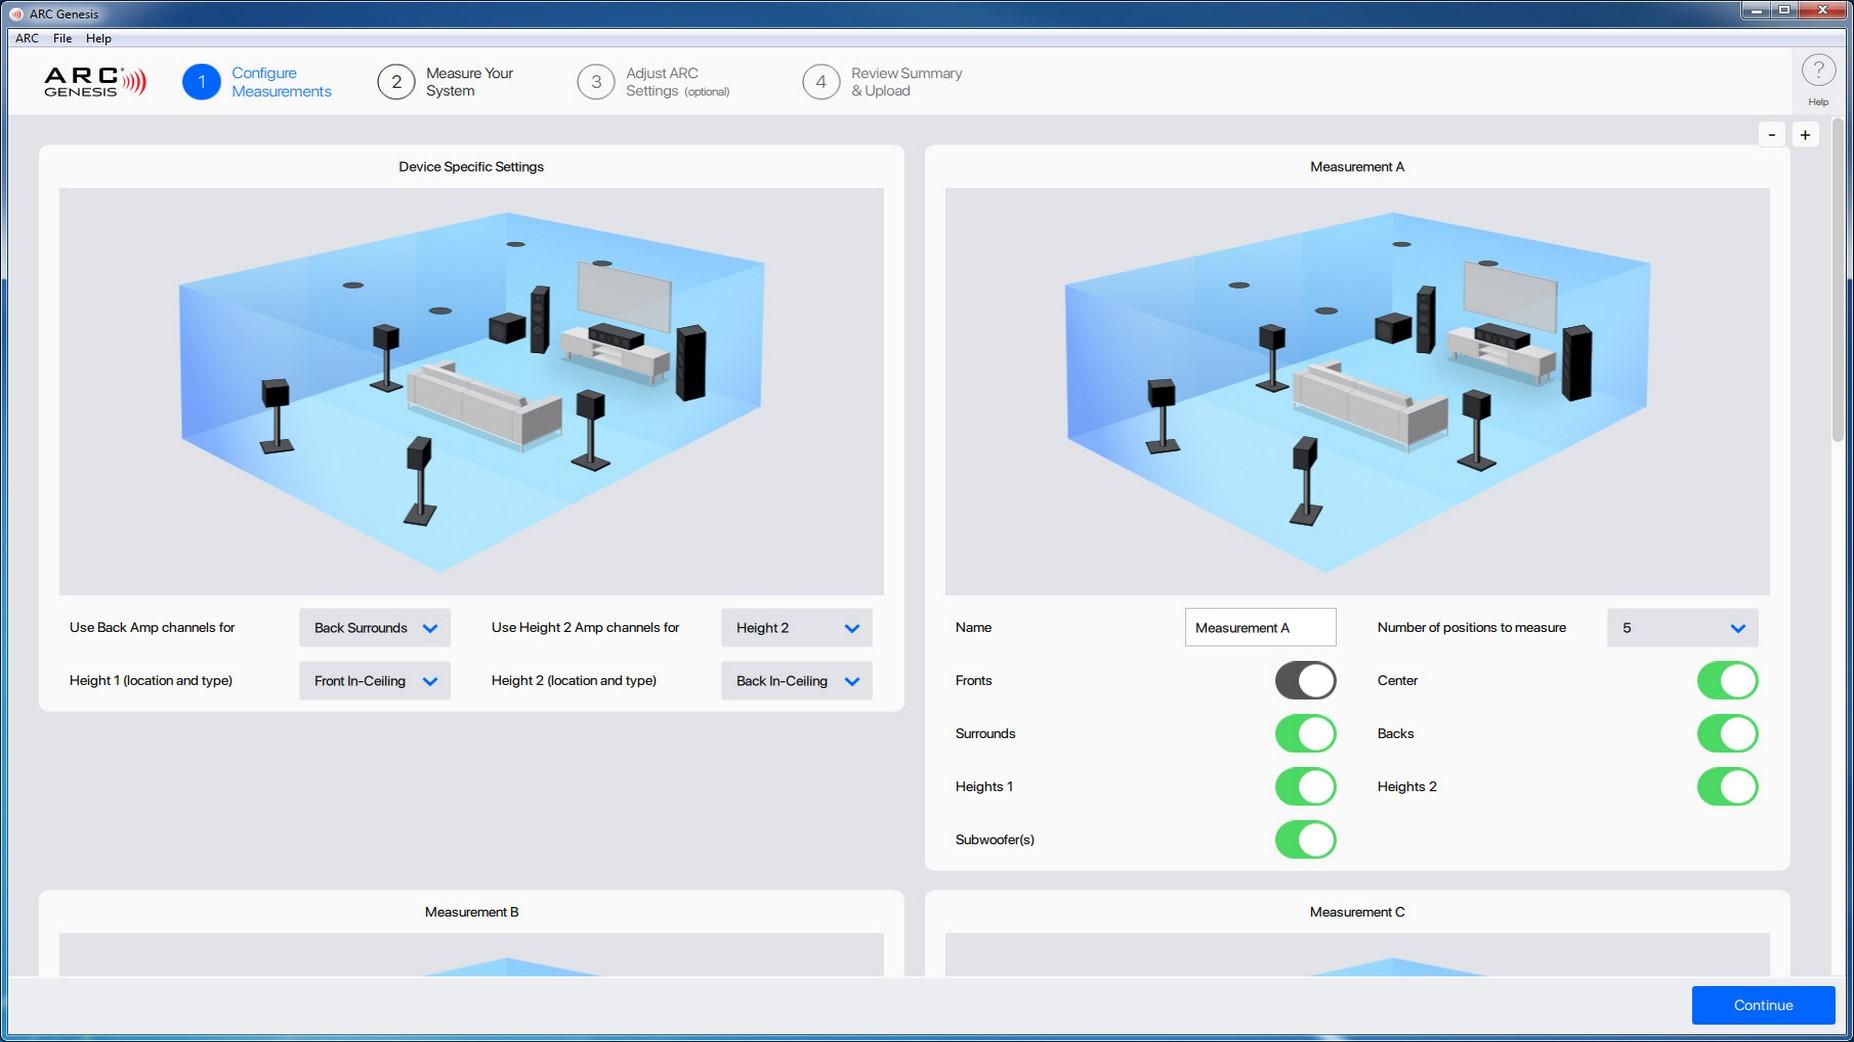 02 configure-measurements